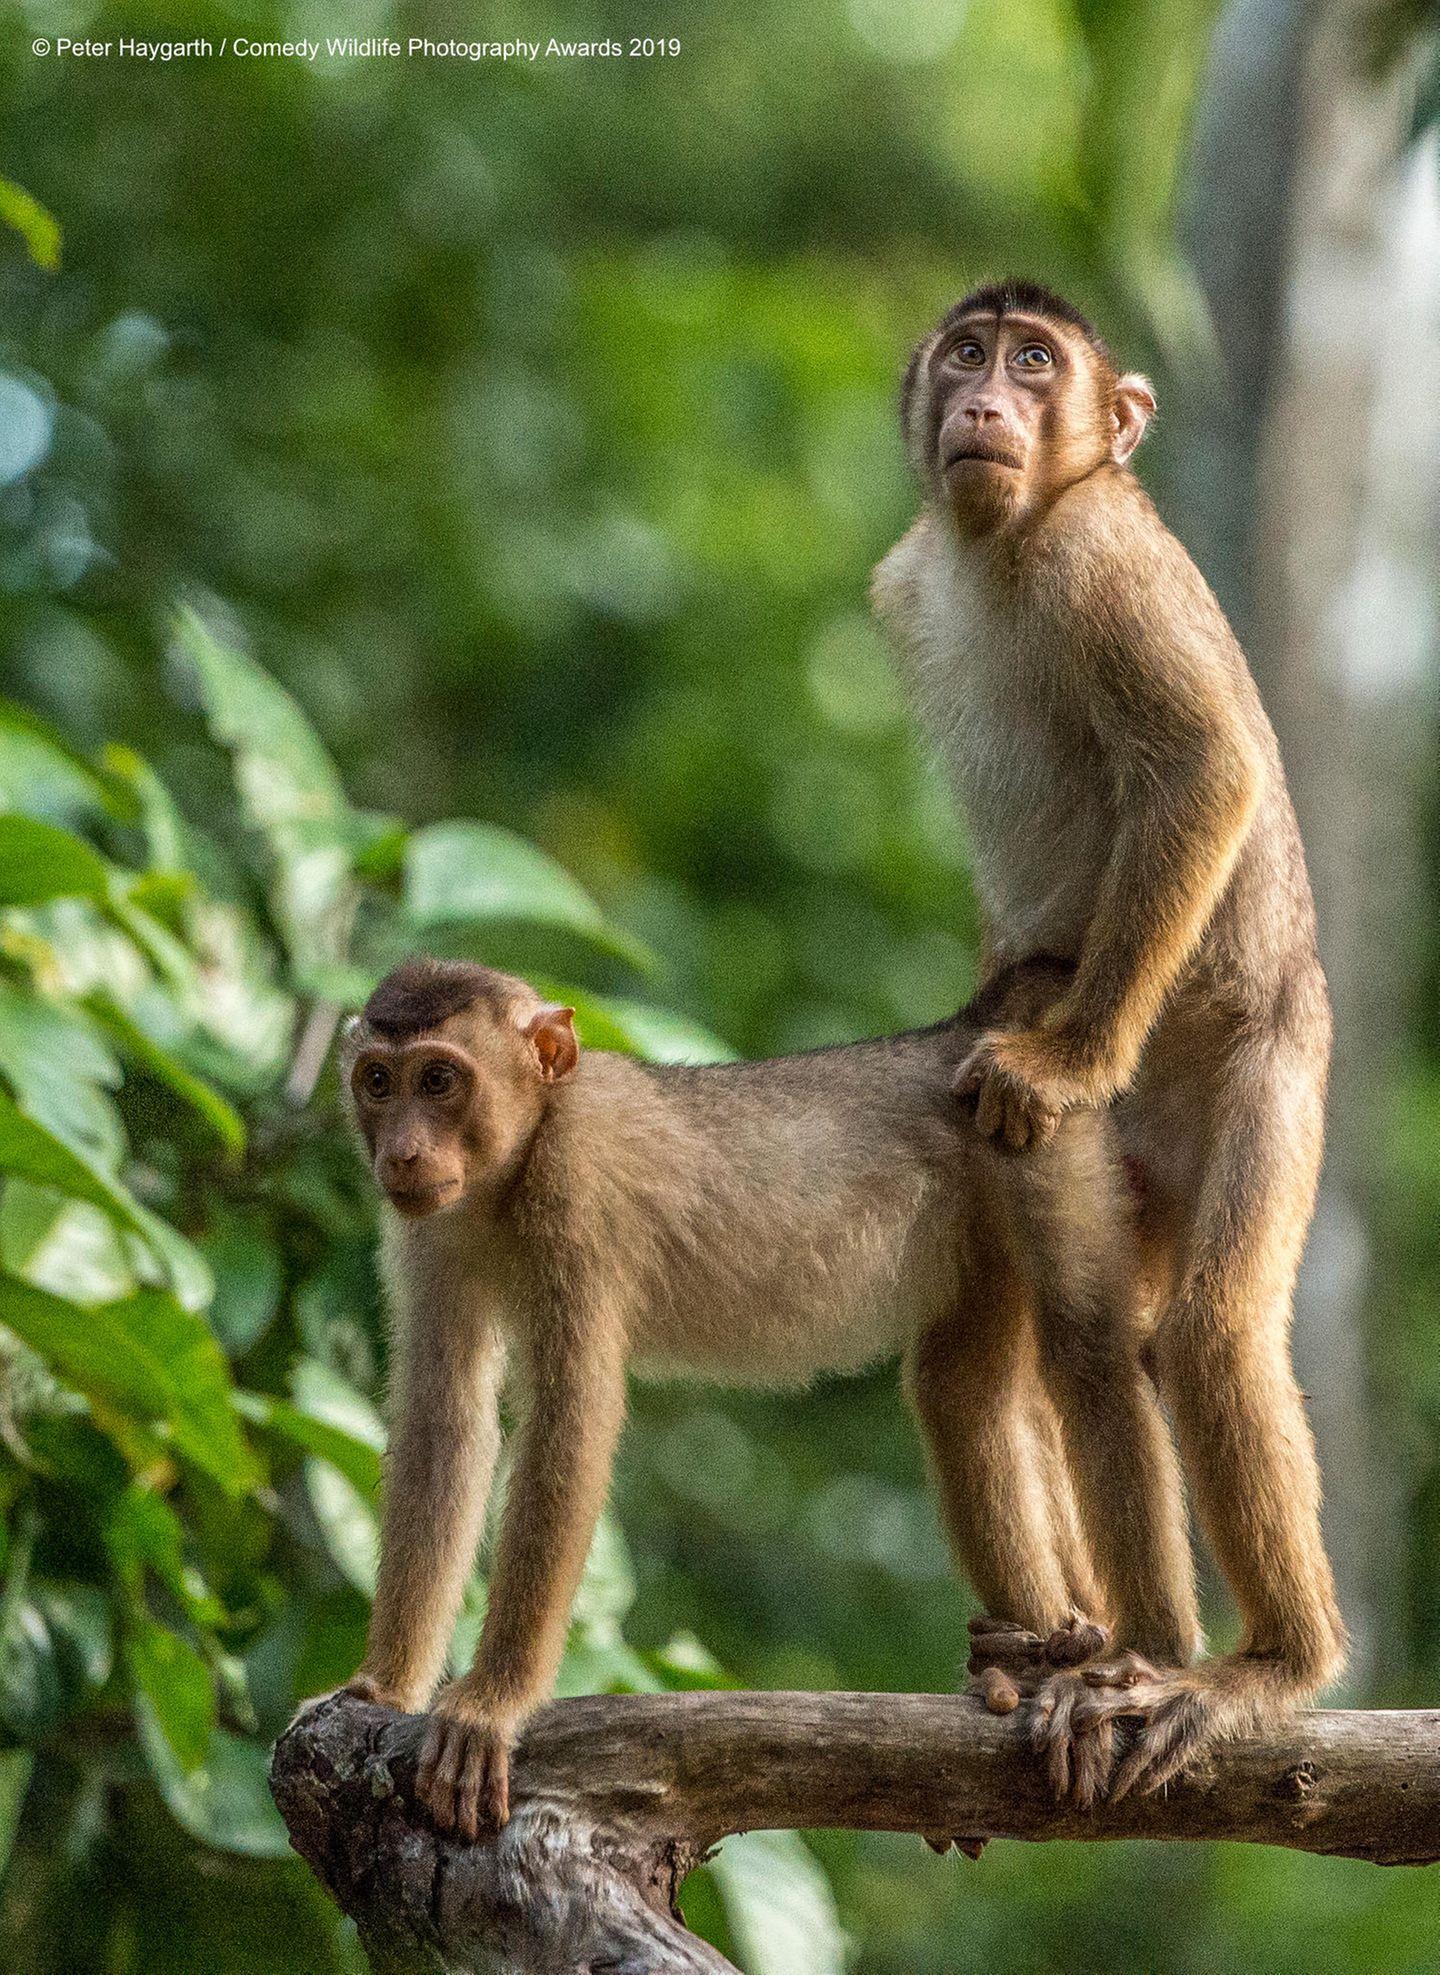 Comedy Wildlife Awards 2019: Zopf-Makaken Paar auf einem Ast